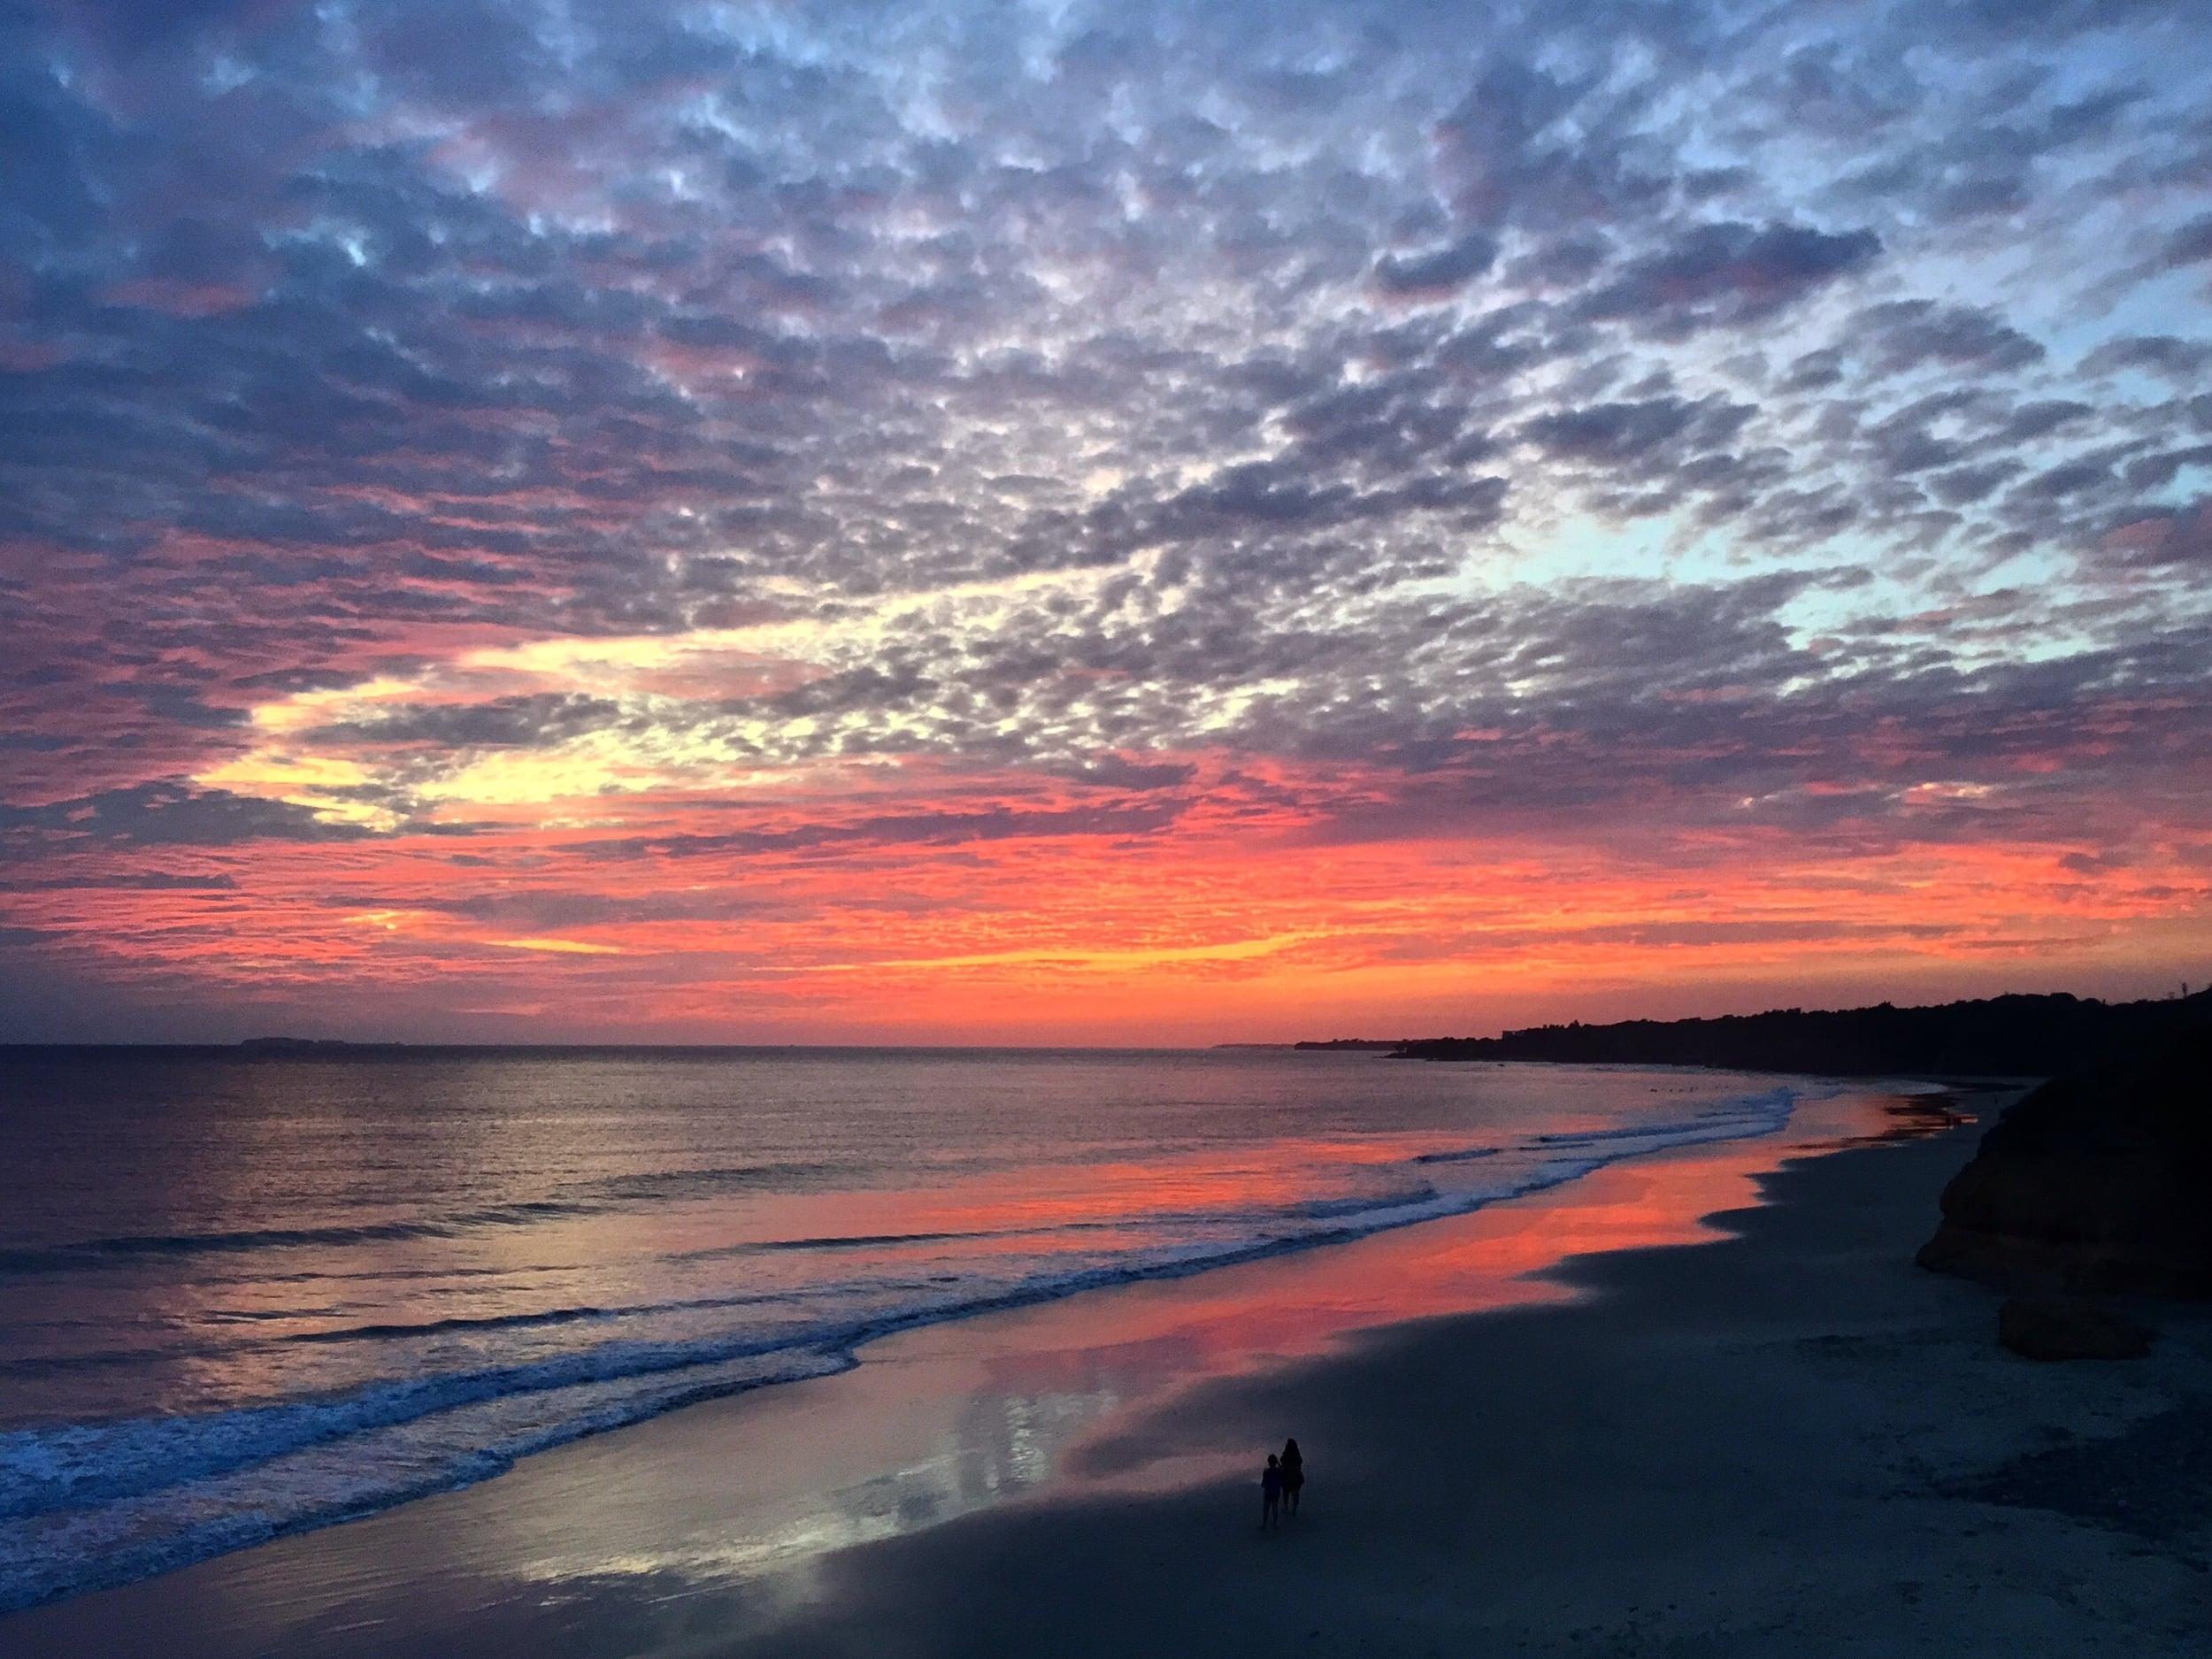 Sunset in Punta Mita.